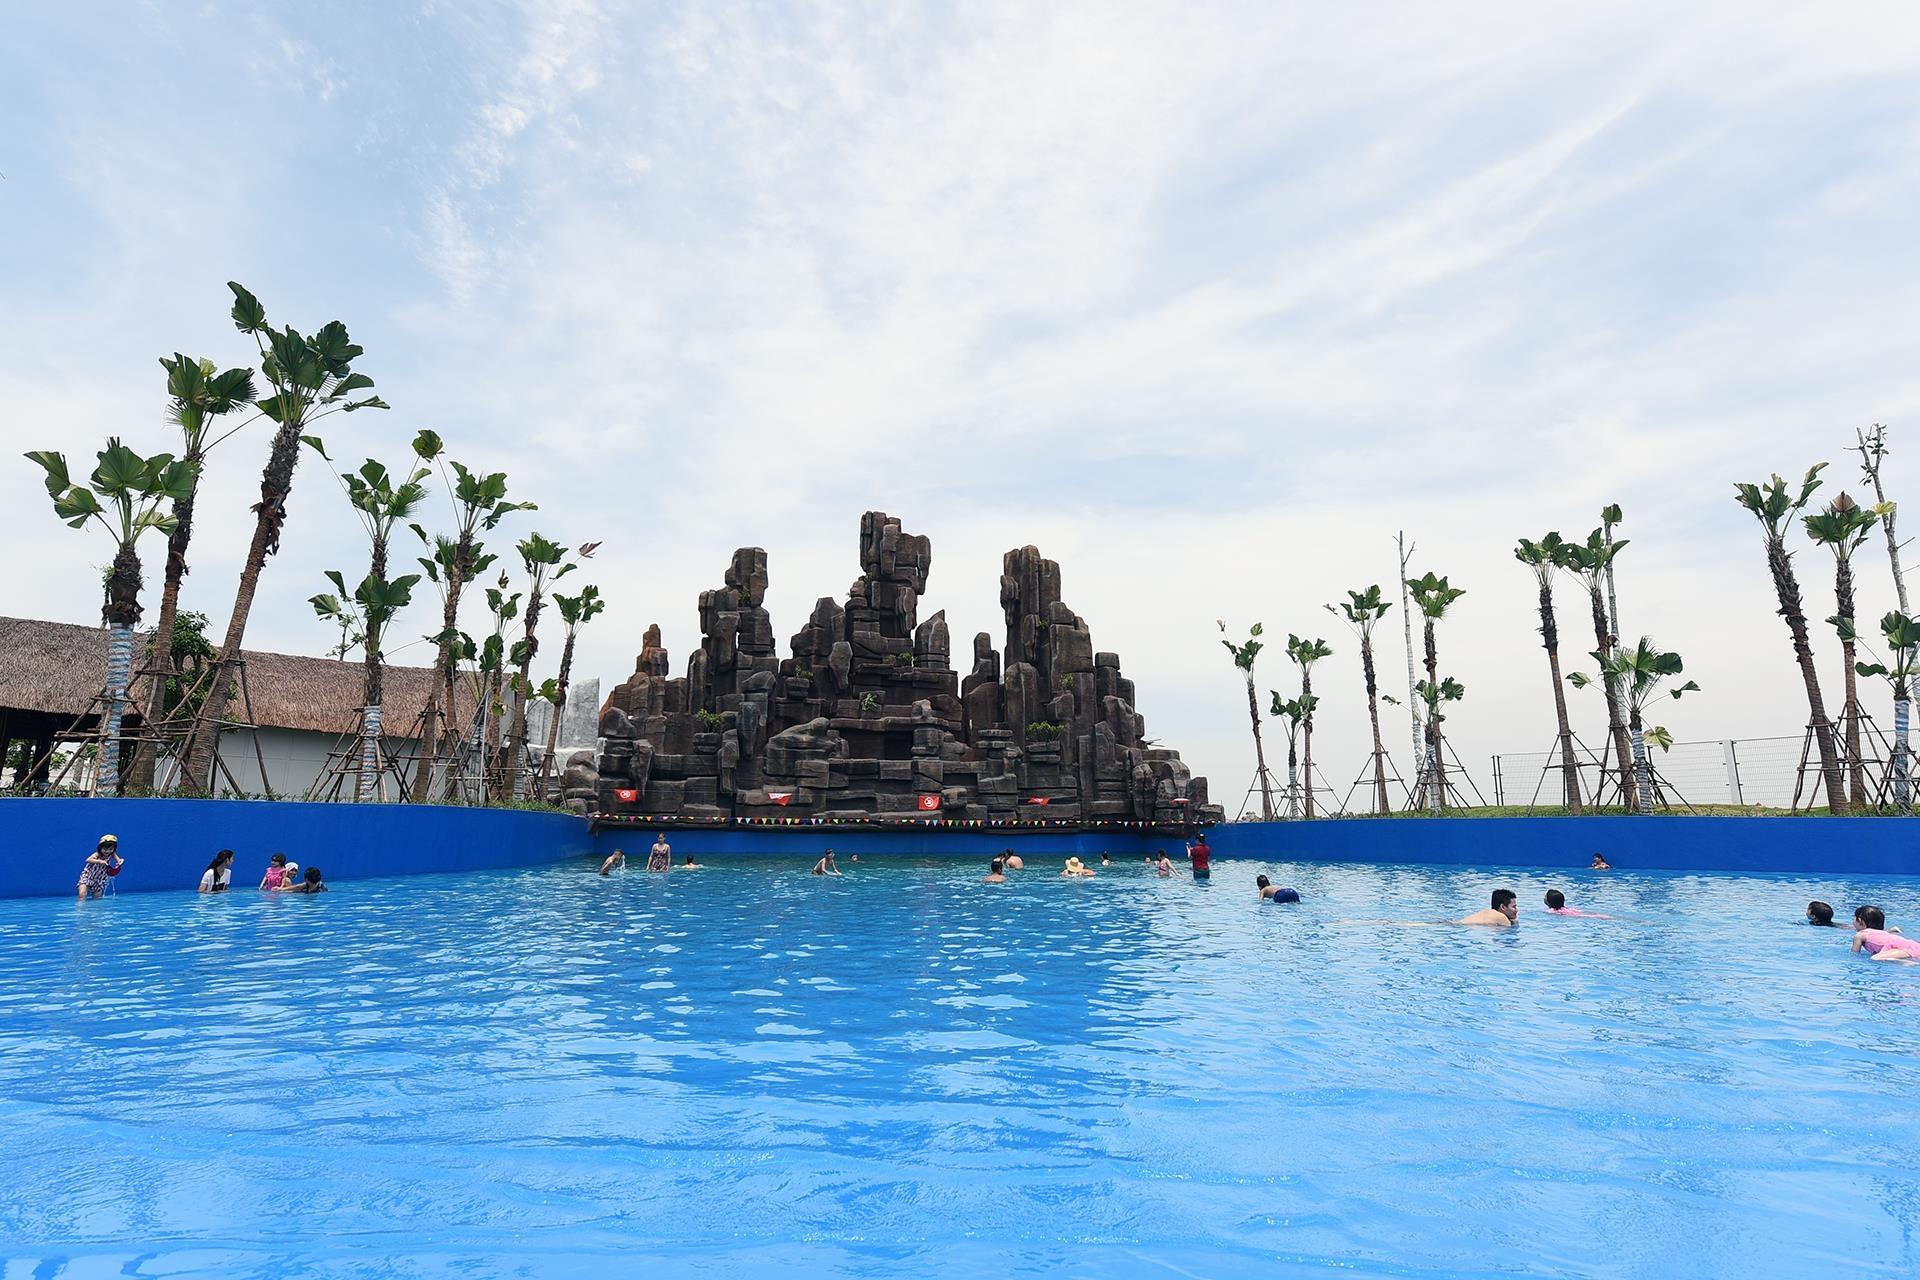 Xung quanh các bể bơi, hệ thống cây xanh mới trồng, chưa phát triển nên khá nắng nóng. Với nhiệt độ cao tại Hà Nội những ngày này, khách hàng gần như không có chỗ nghỉ tạm thời trong khi bơi.